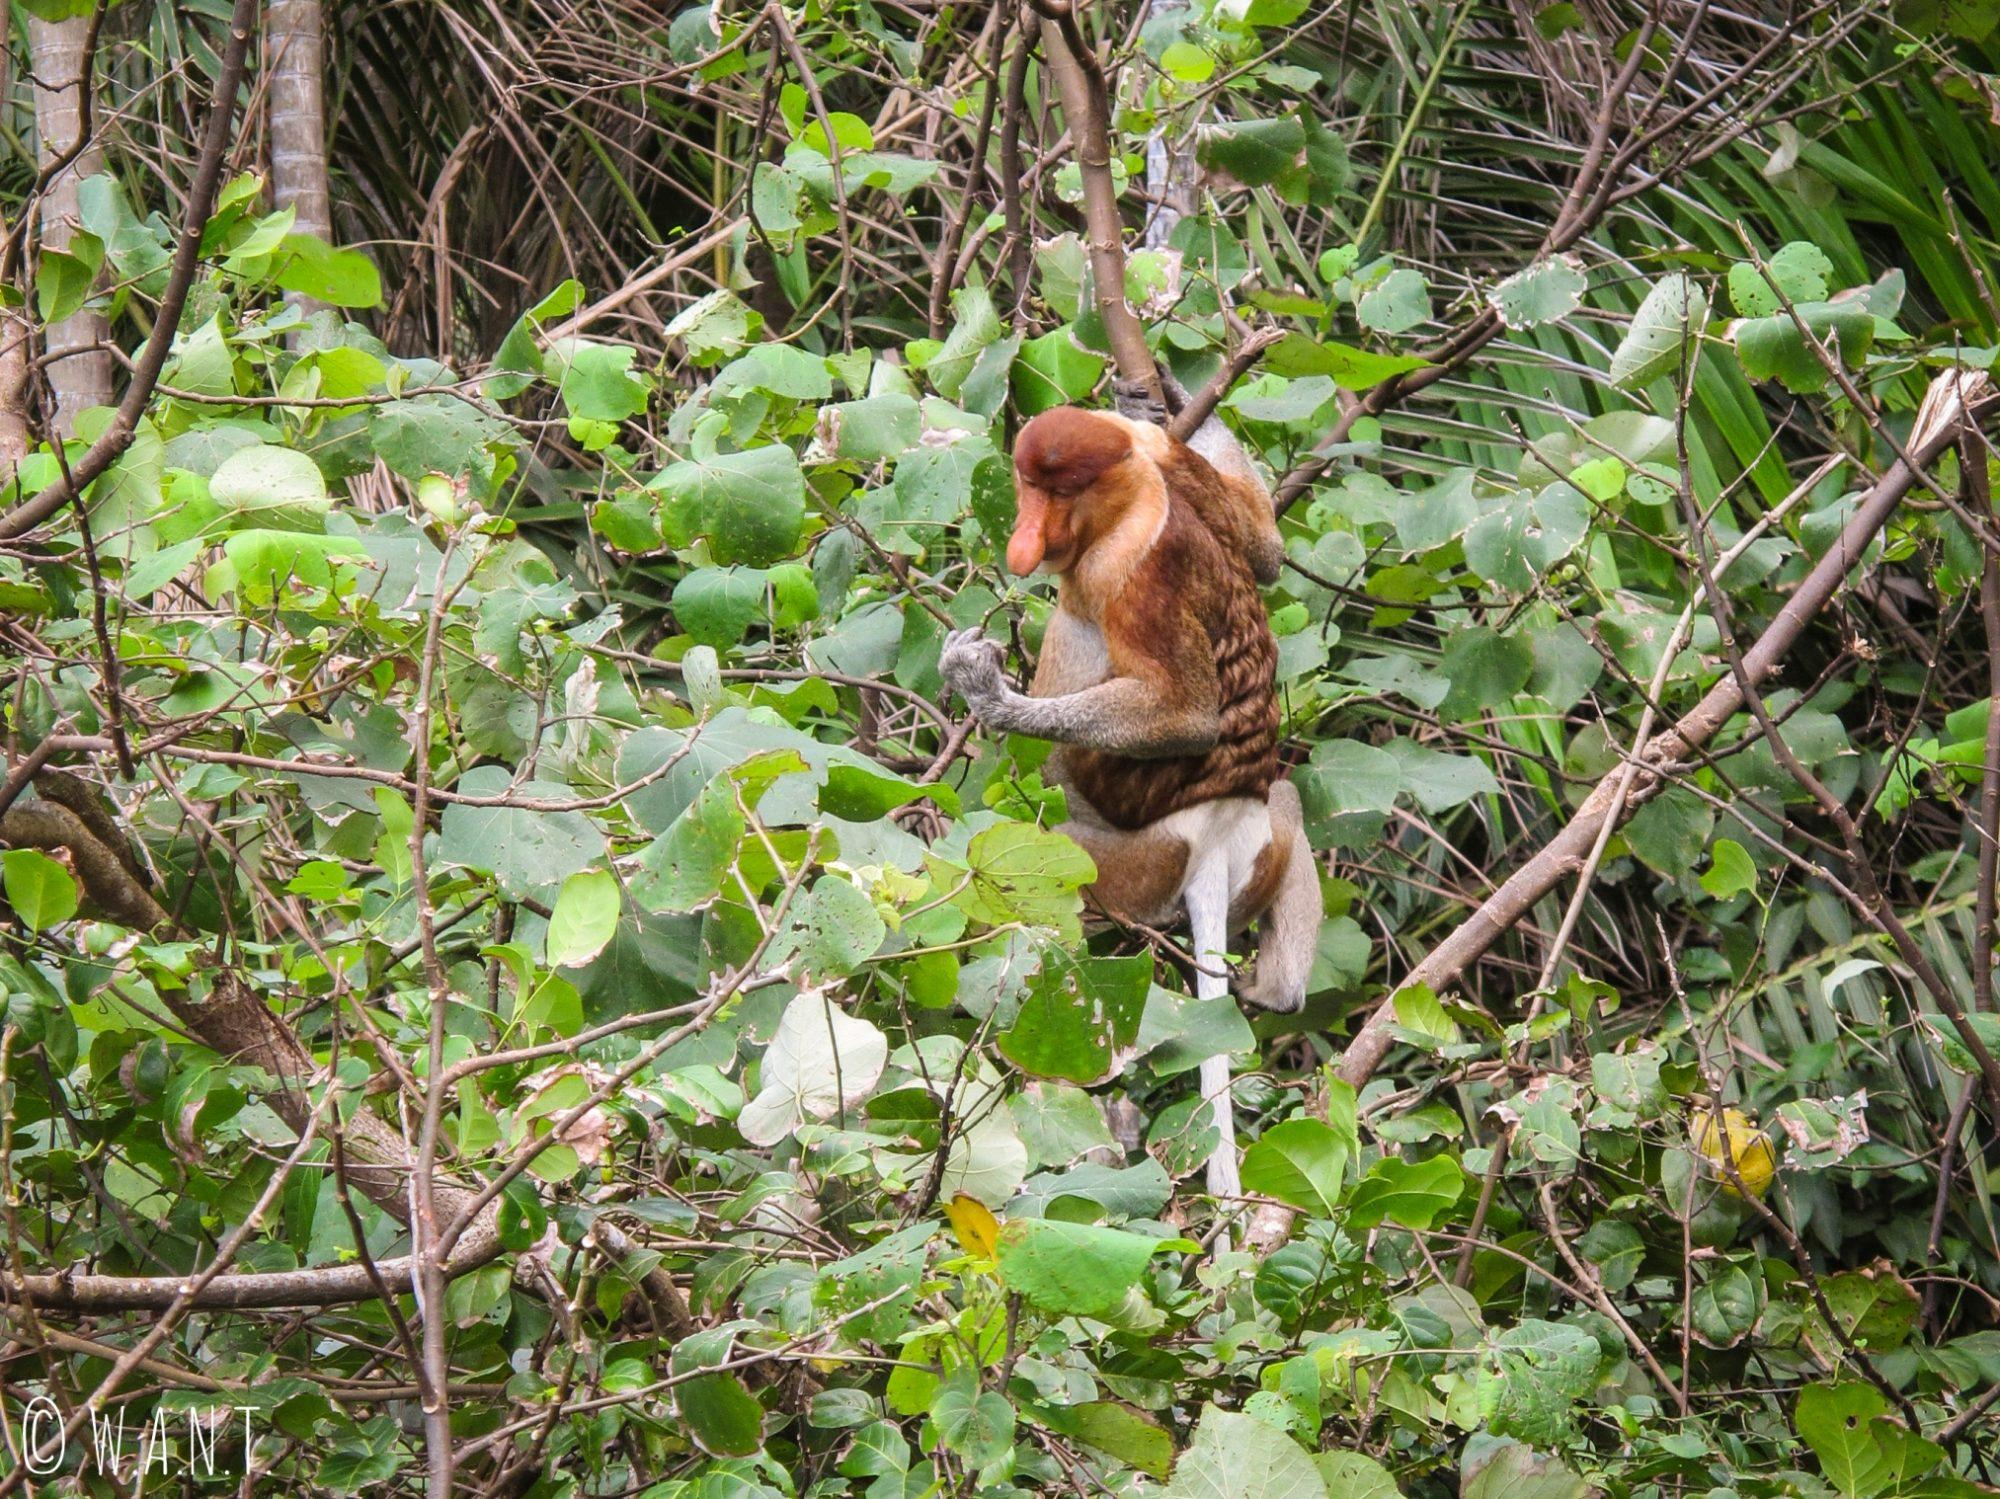 Singe nasique sur le trail numéro 3 Telok Pacu au Bako National Park